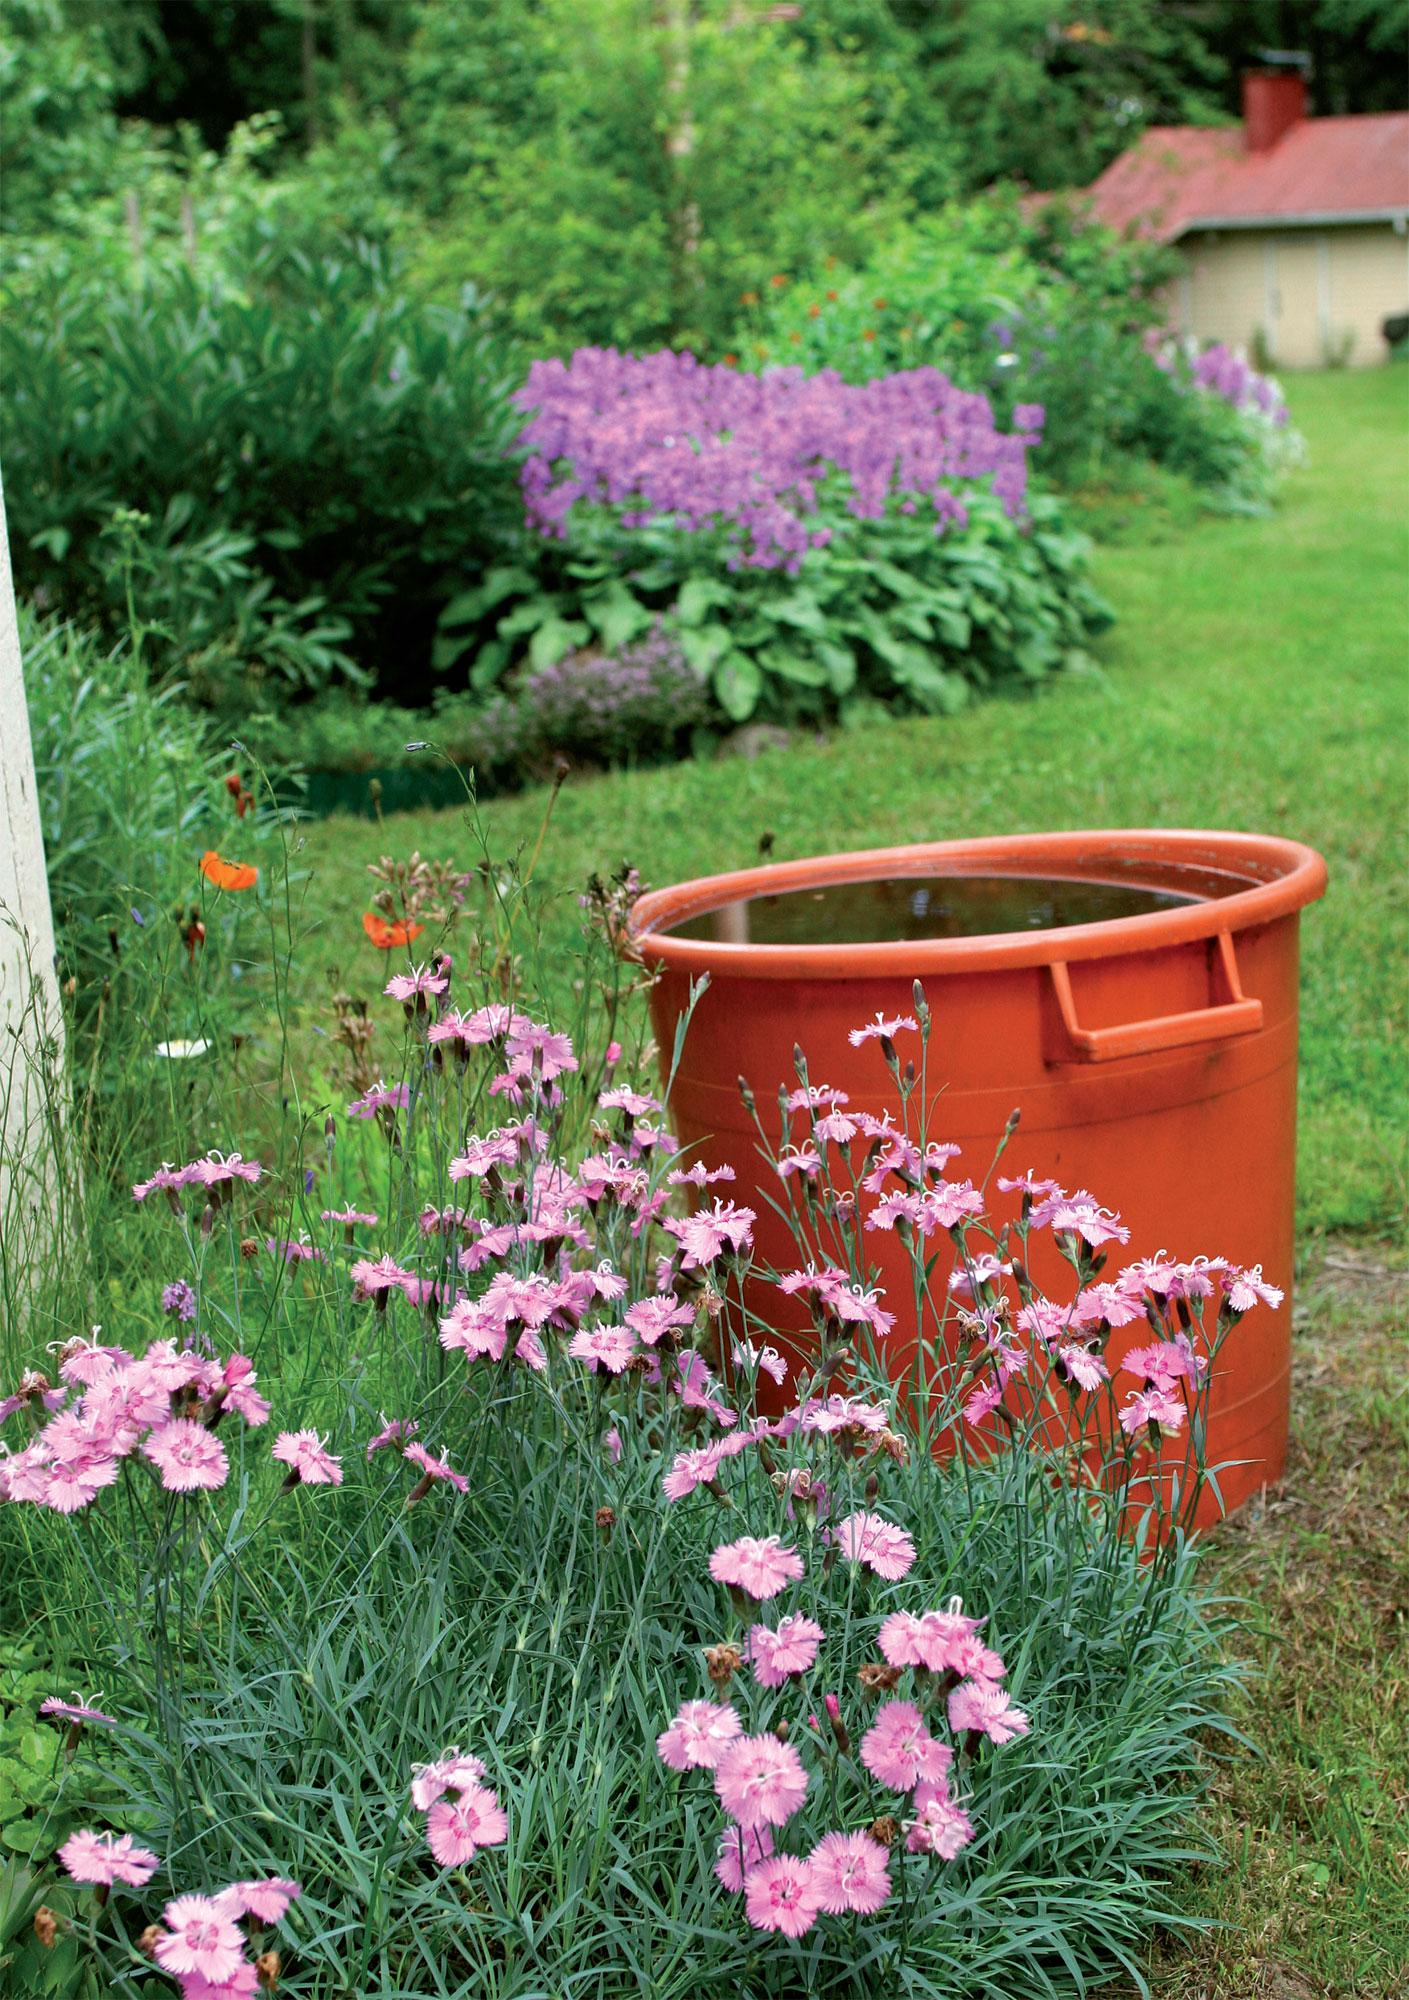 Maatiaiskasvit levittäytyvät vähälläkin hoidolla näyttäviksi pöheiköiksi. Mökin ja pihasaunan välisessä perennapenkissä kukkii violettina mattona jalopähkämö, mökin kulmalla tuoksuu vaaleanpunainen vuorineilikkamätäs.